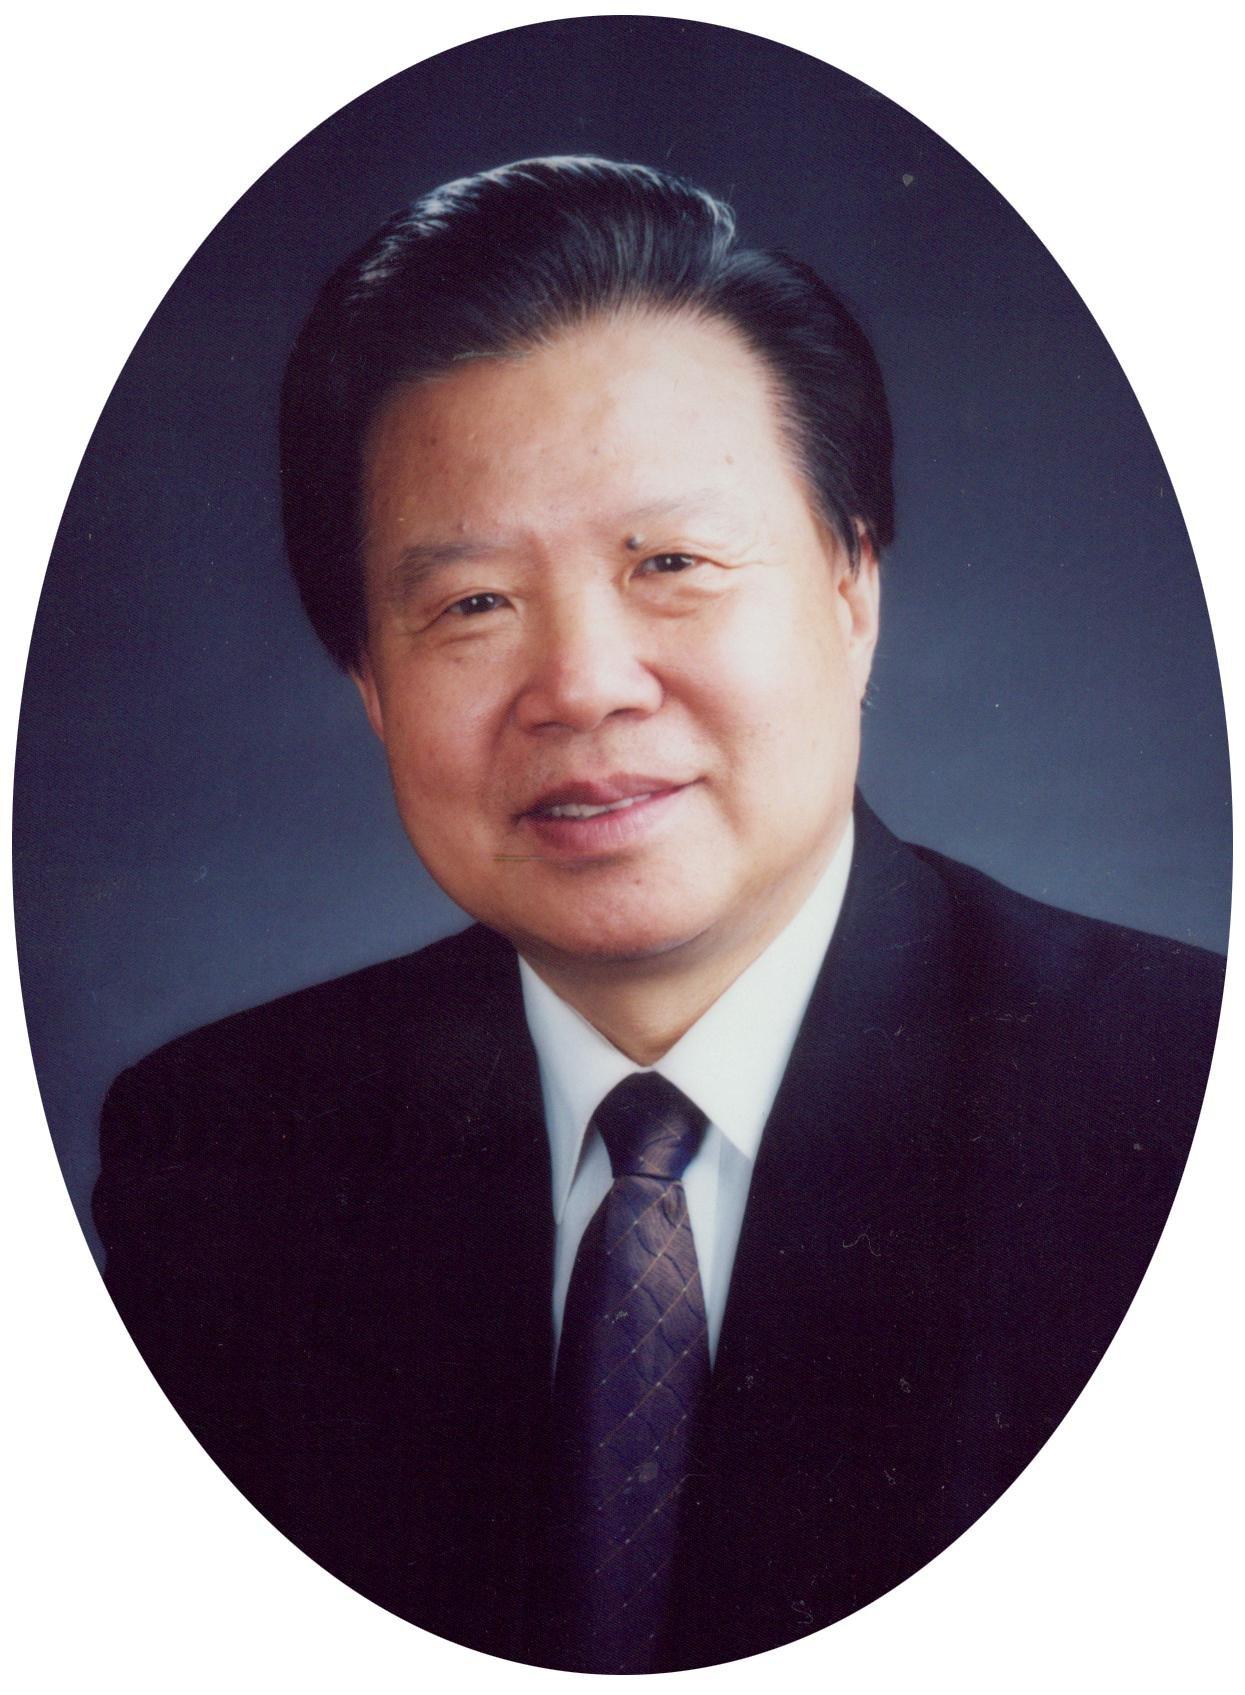 任玉岭:科学家、经济学家…